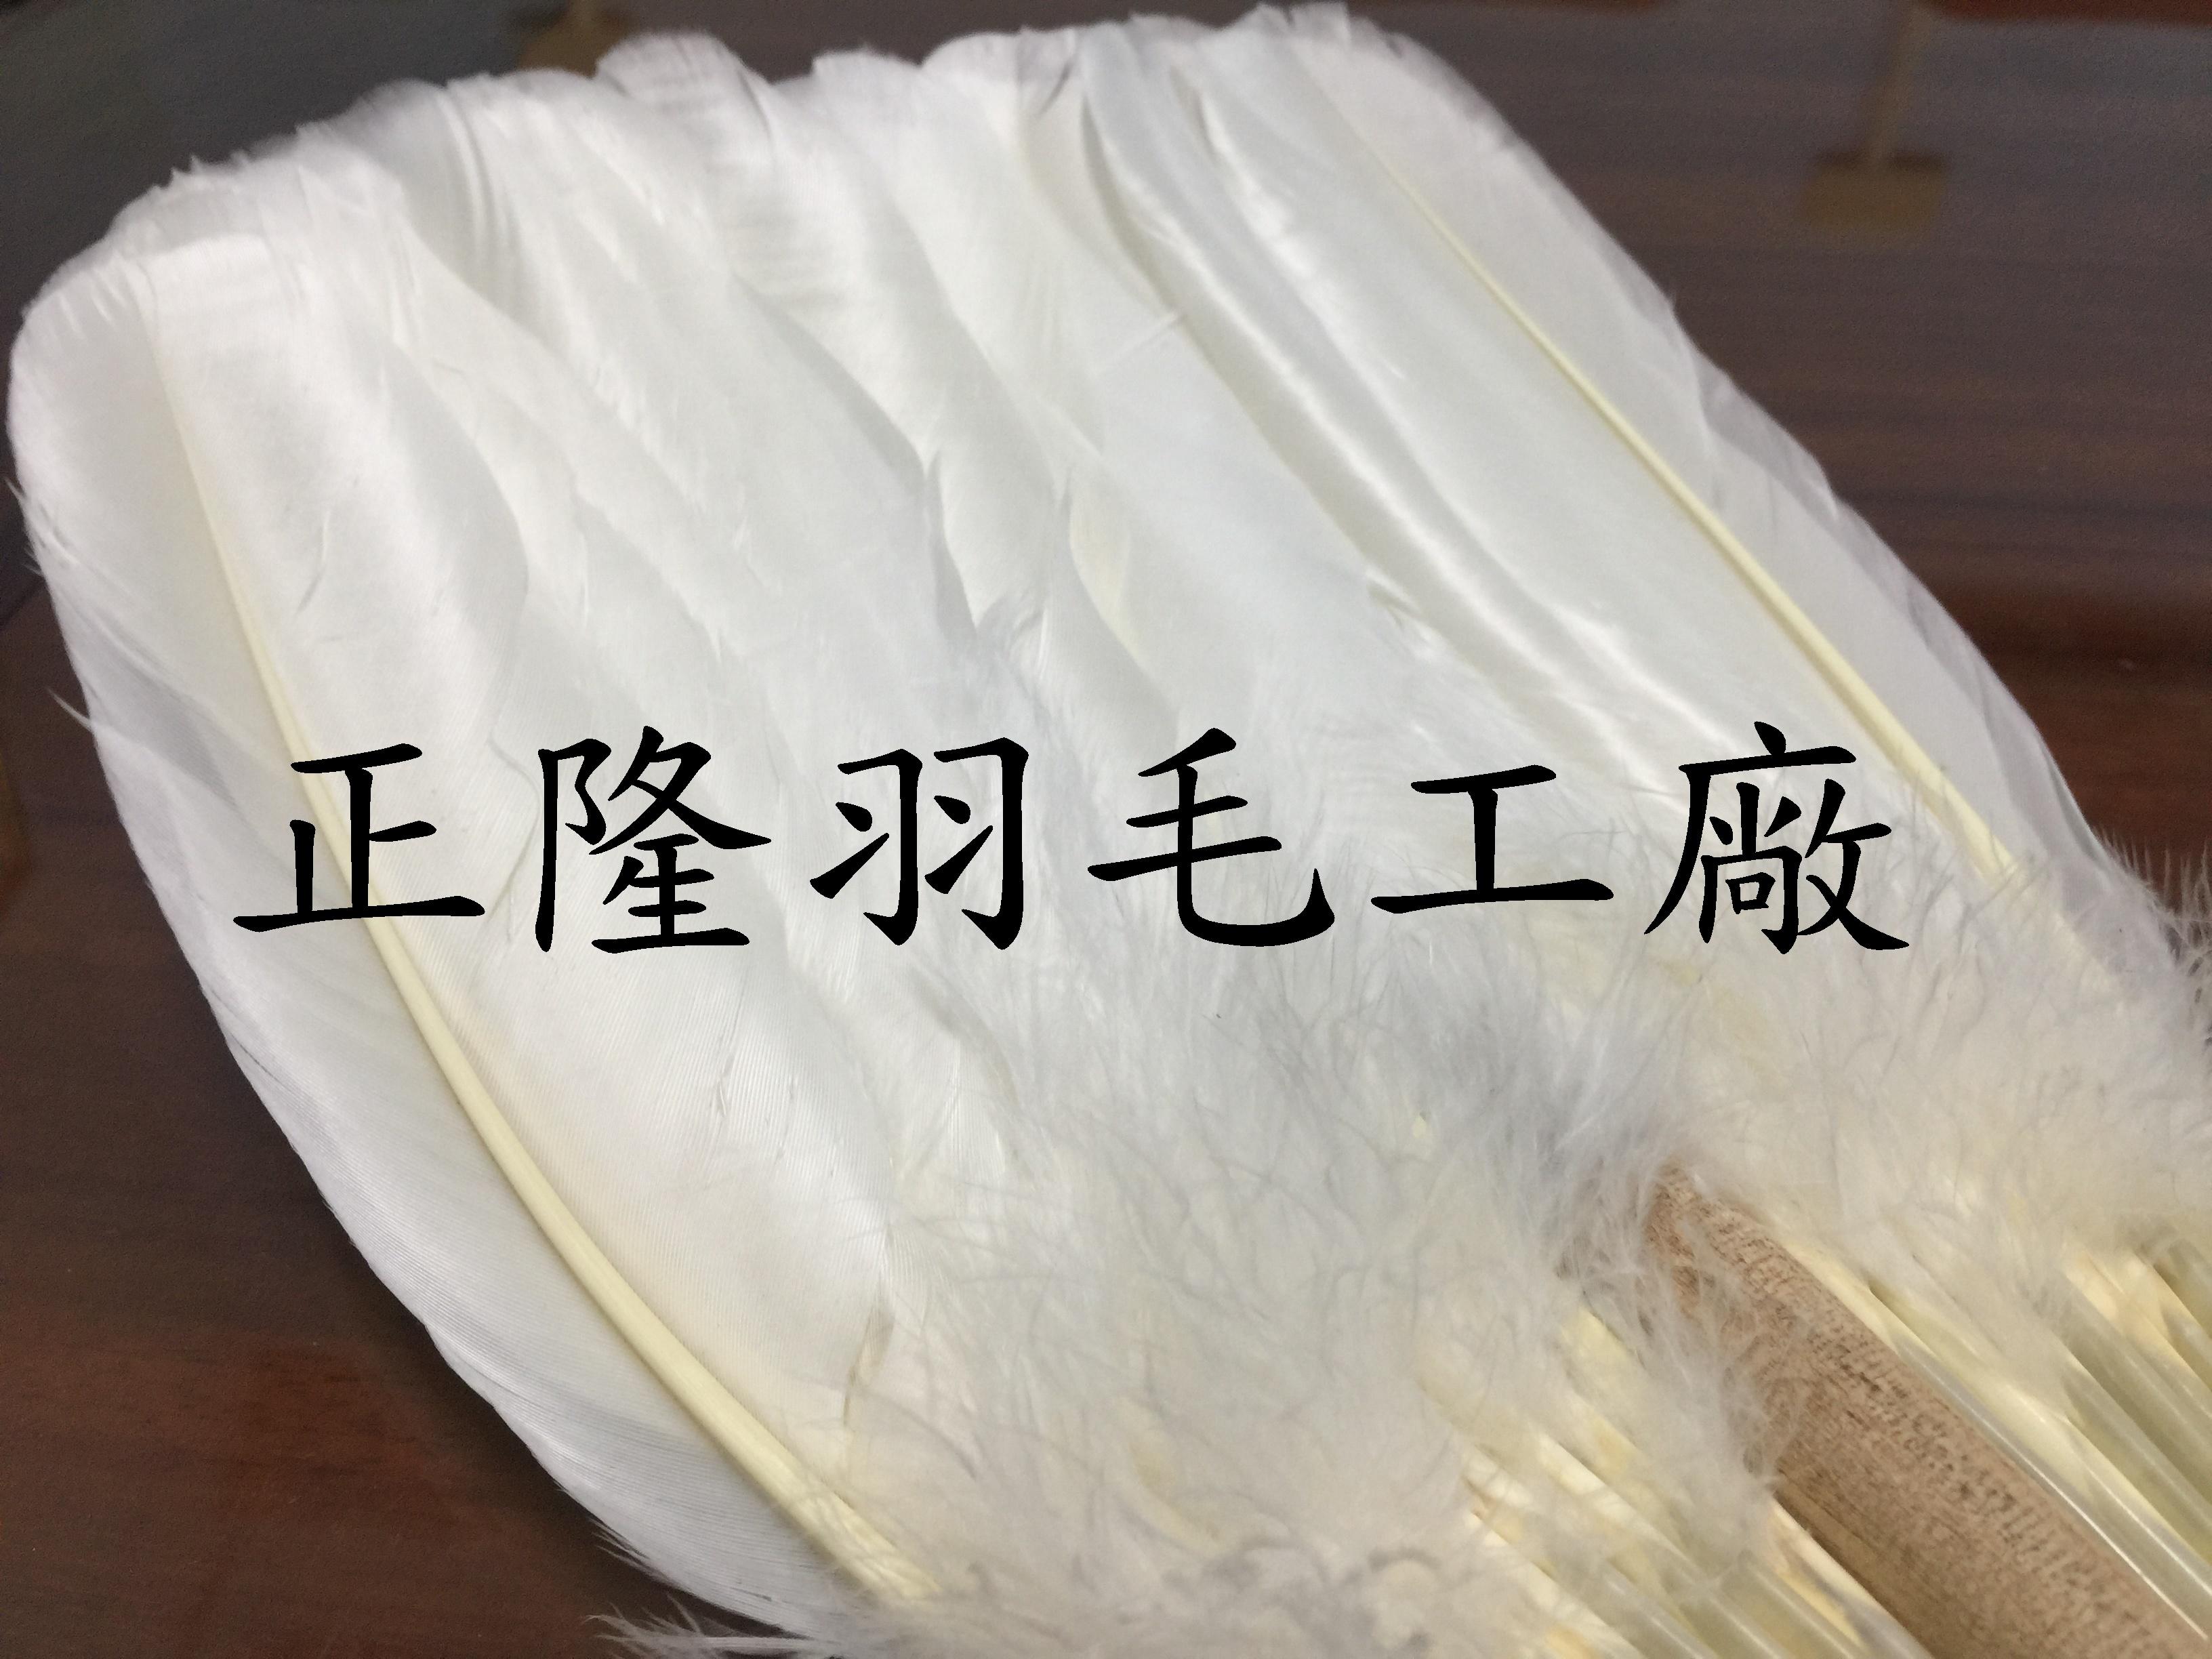 羽毛扇2_正隆.jpg